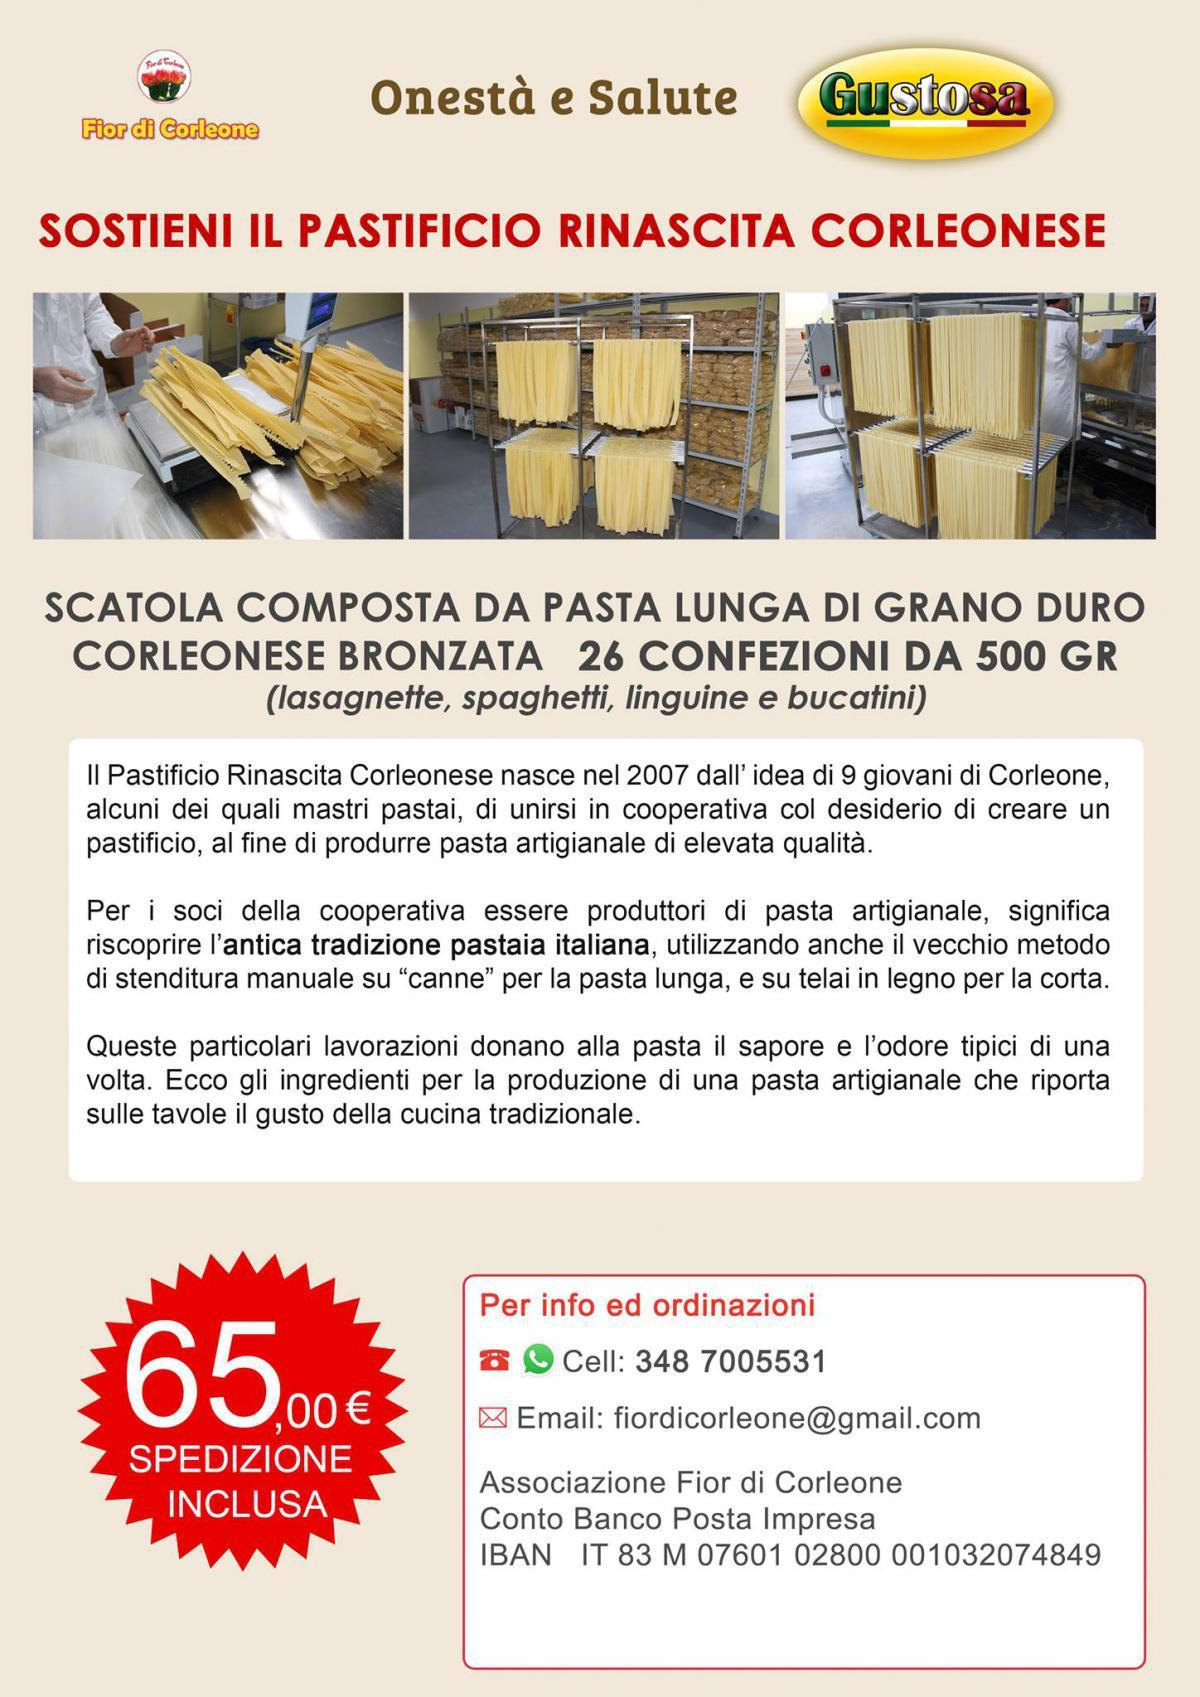 13 Kg di pasta lunga Pastificio Rinascita Corleonese